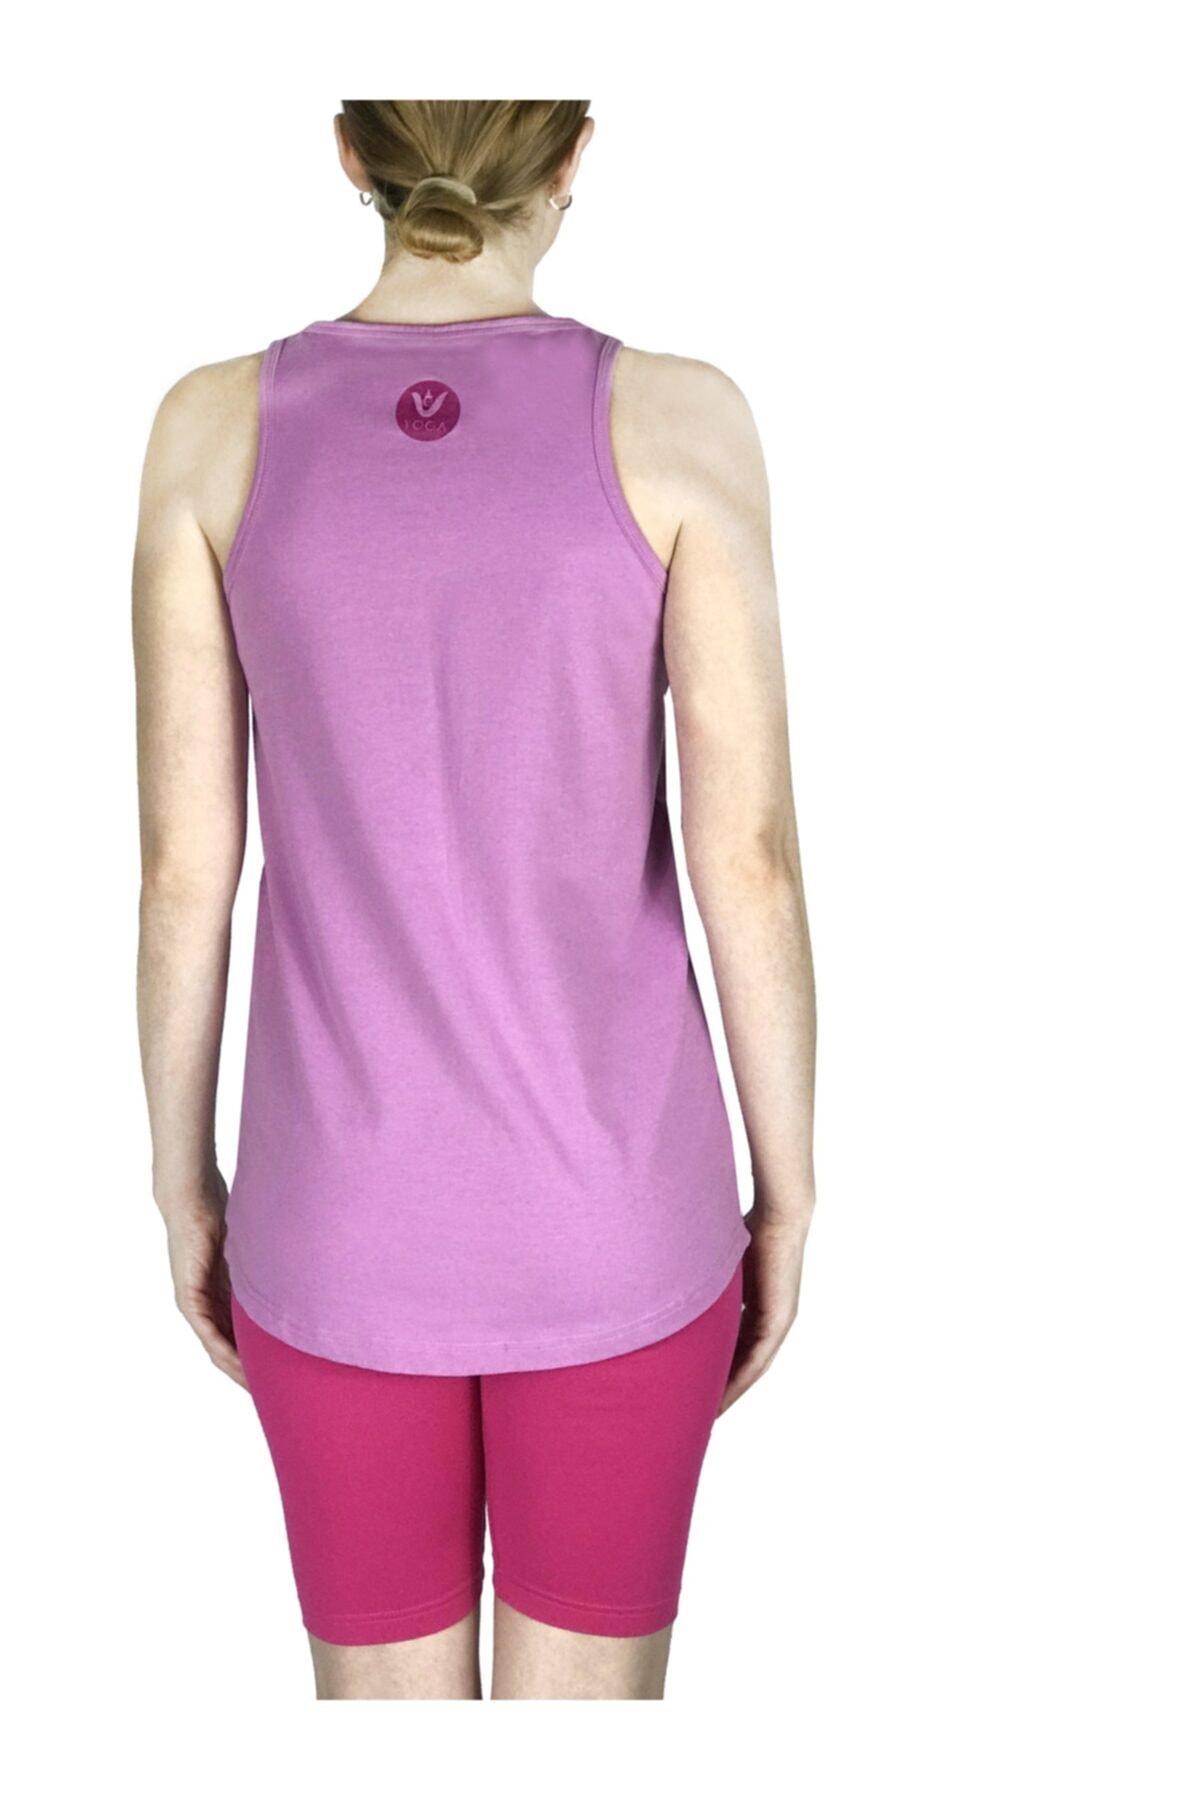 Vei Yoga T Shirt Yoga Pamuklu Breath 2